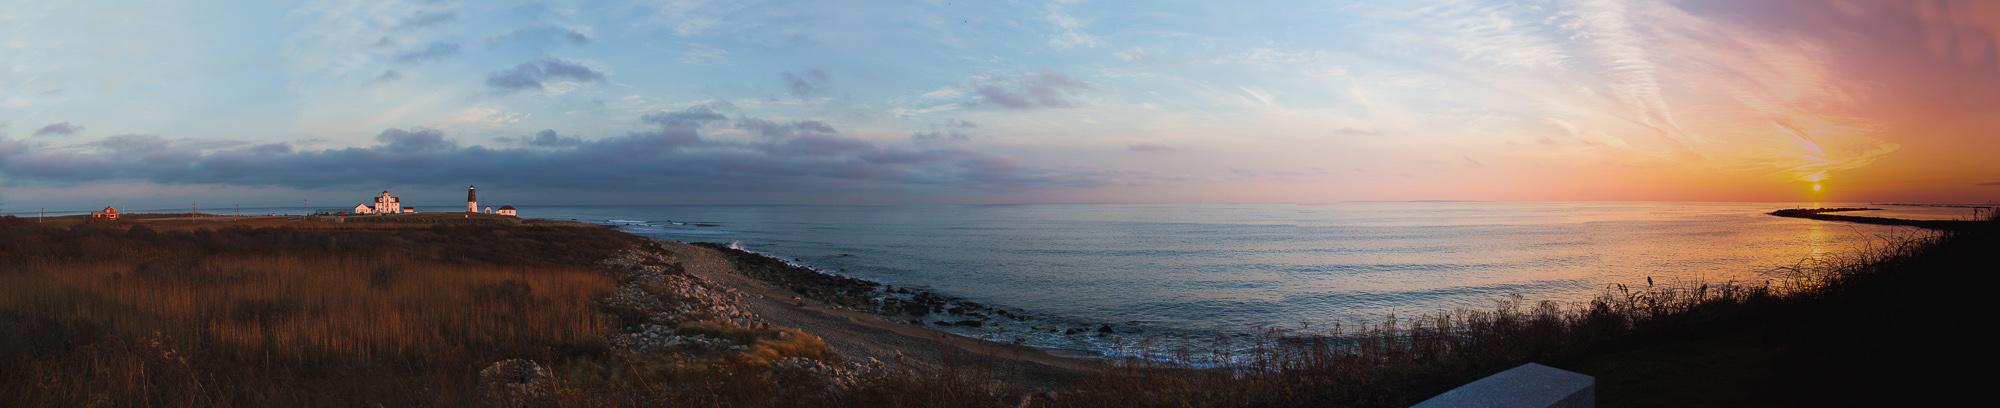 Point Judith panorama.jpg